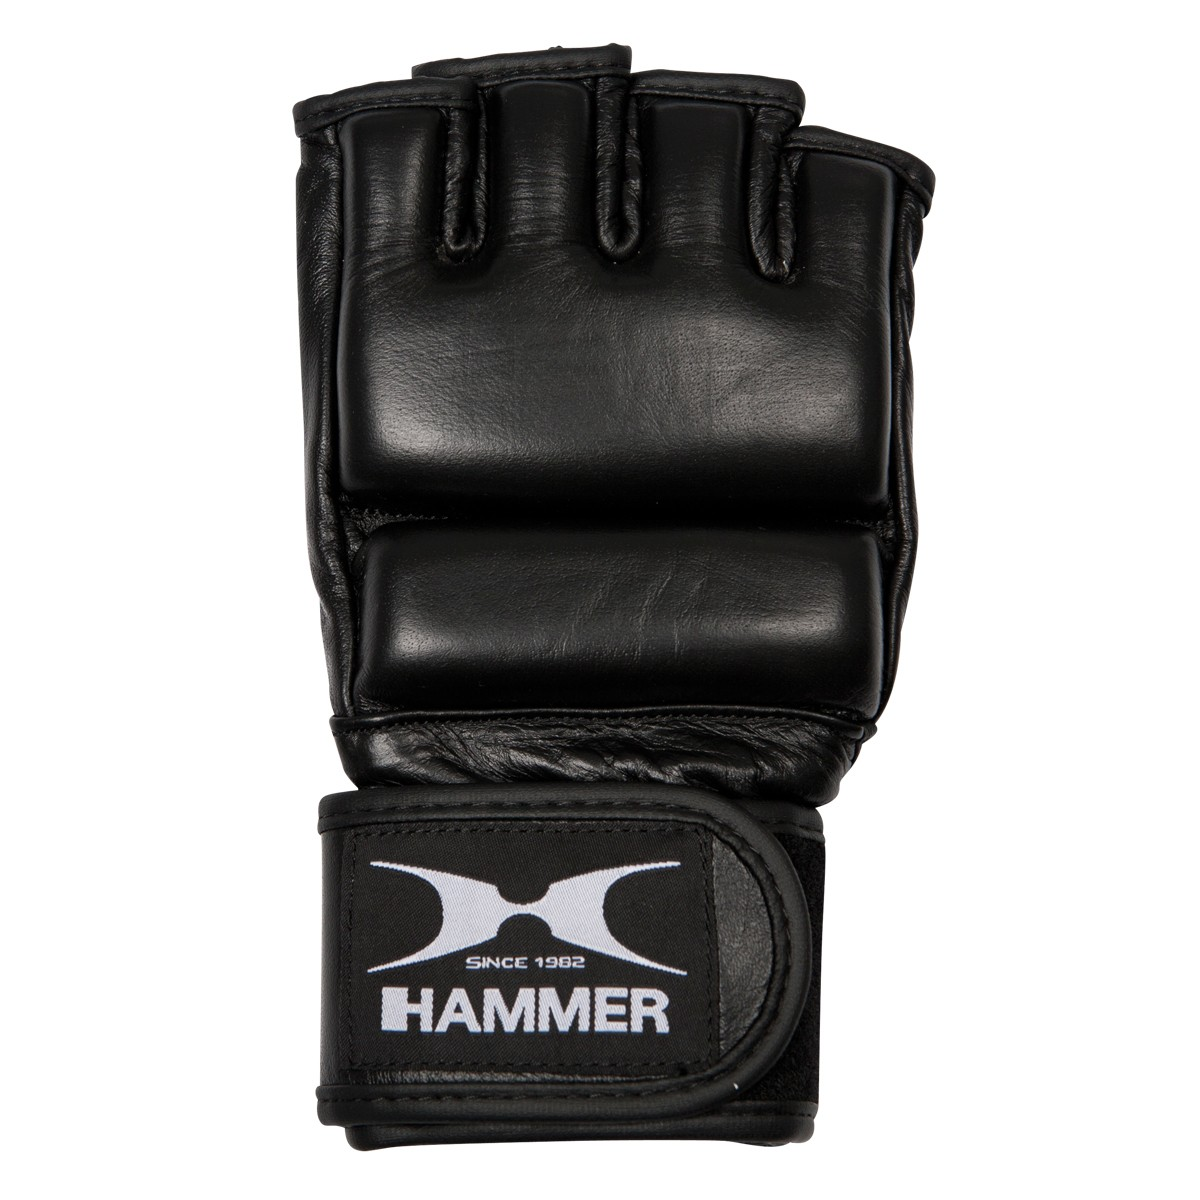 Black hammer gloves - Hammer Boxing Punching Bag Gloves Premium Mma